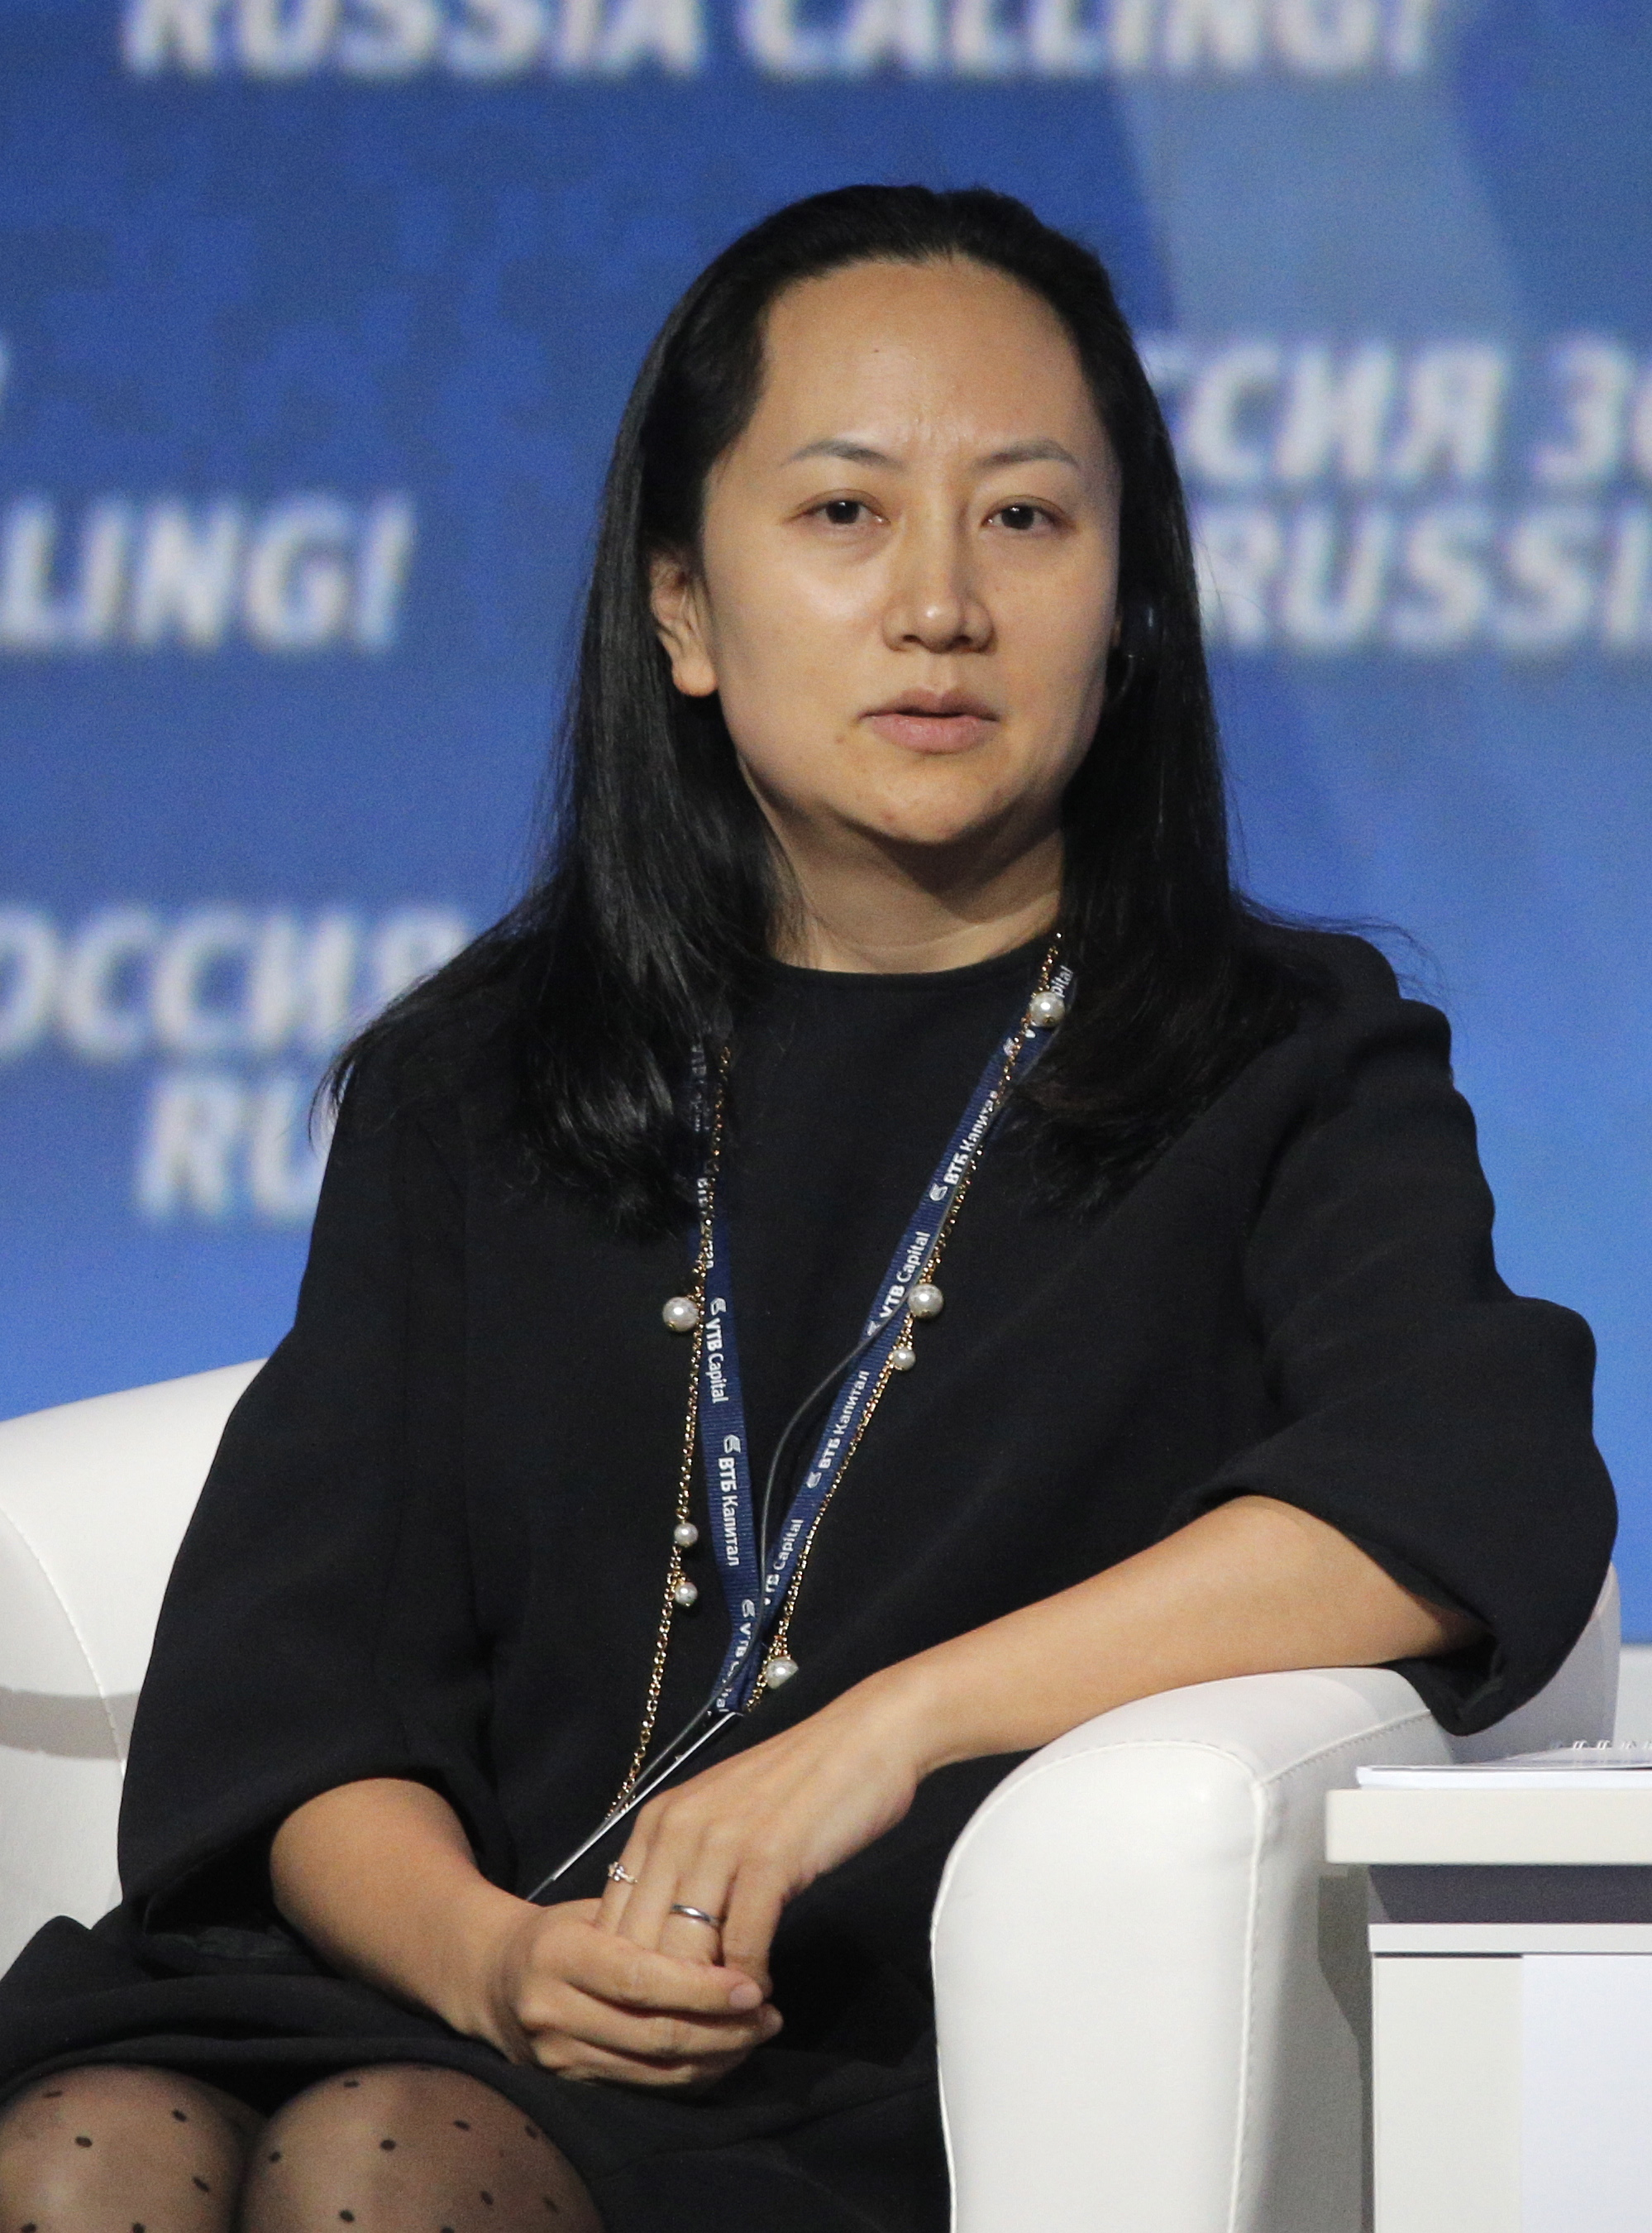 Kina traži od Kanade da oslobodi čelnicu Huaweia ili će snositi posljedice